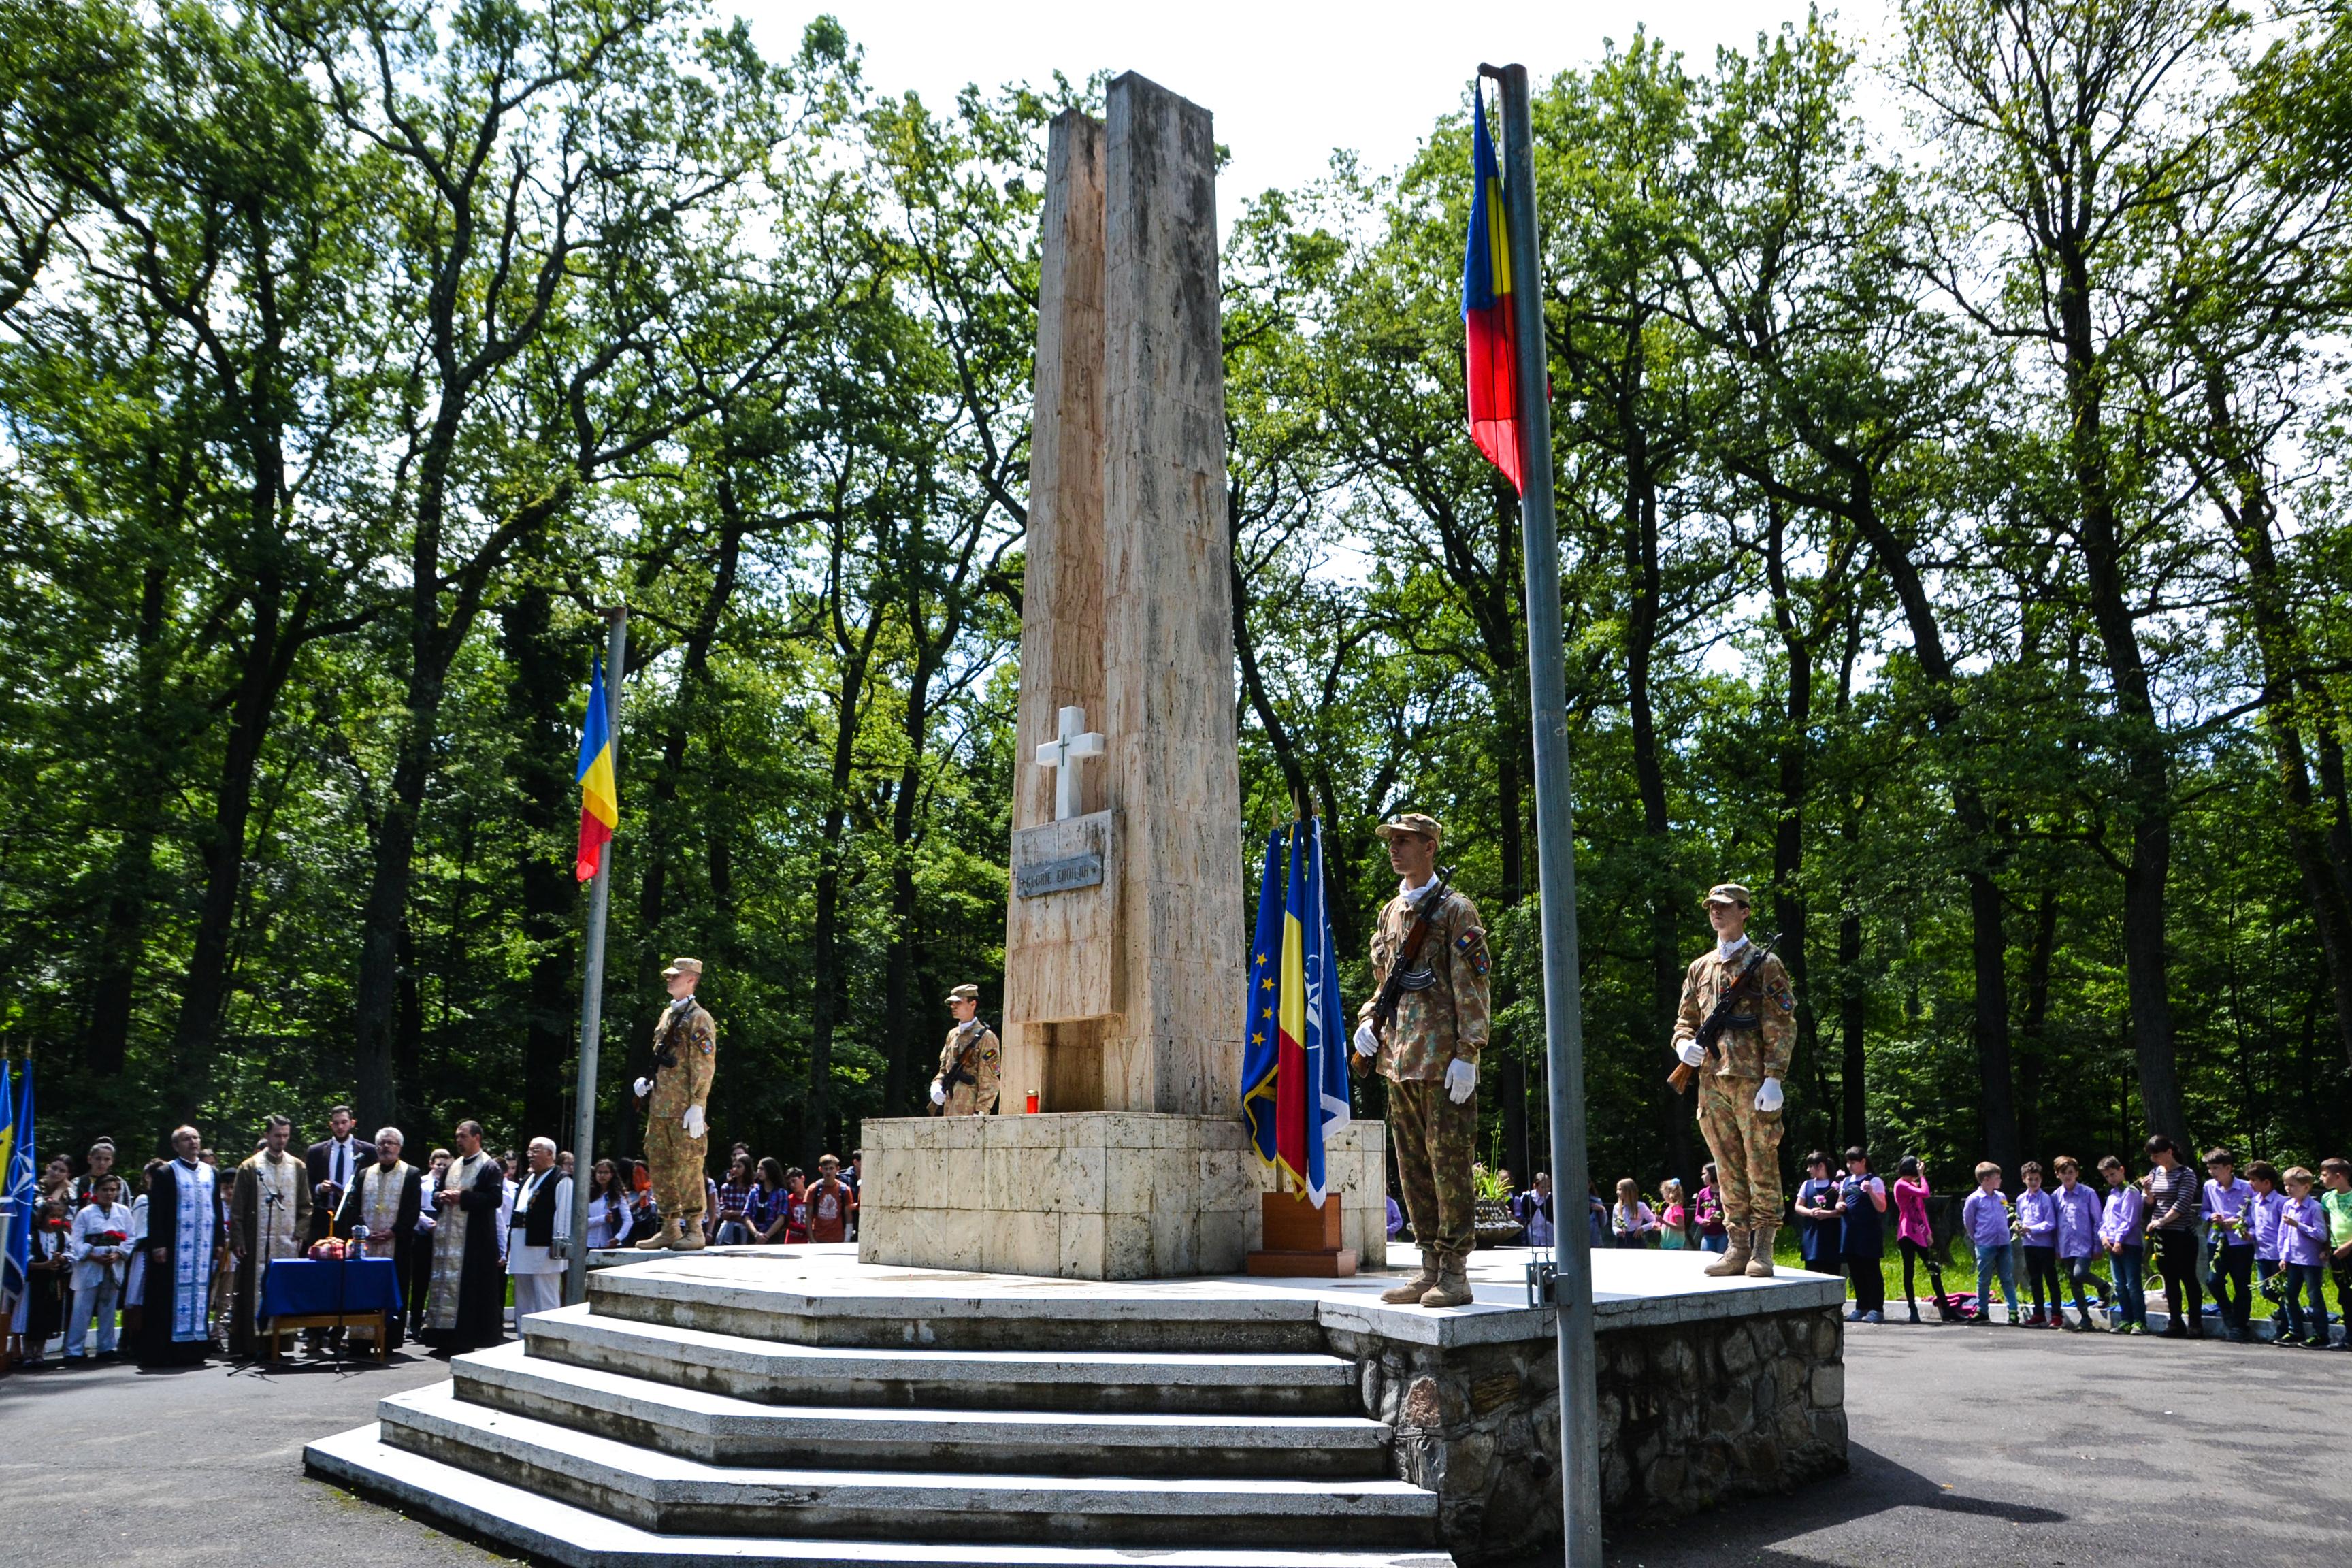 Patru ceremonii vor avea loc în Sibiu cu ocazia Zilei Eroilor